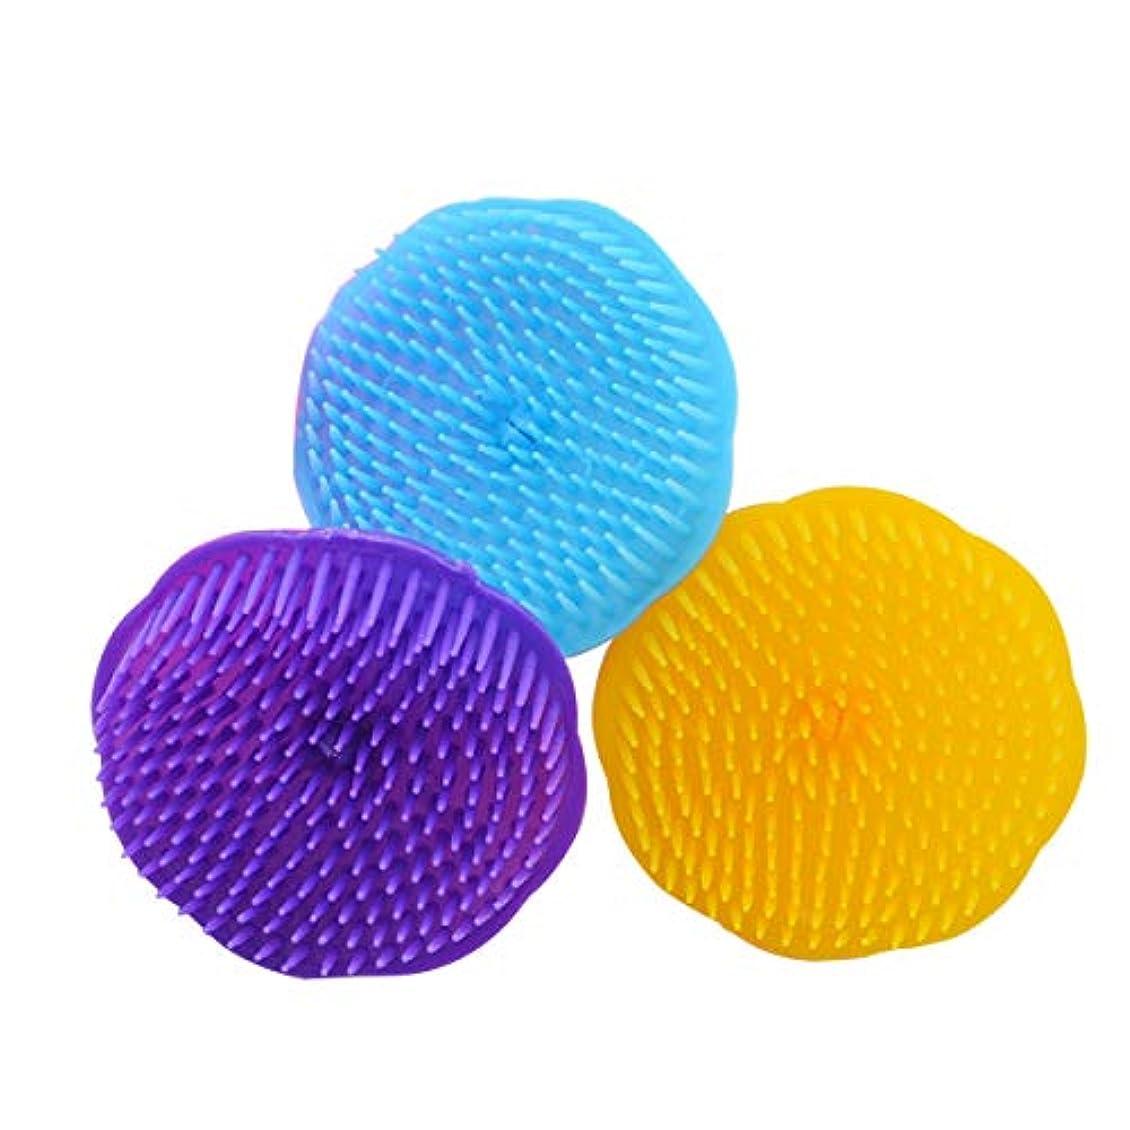 ますますモルヒネ酸化するSUPVOX ヘアマッサージブラシ シャワーシャンプー頭皮ブラシヘッドボディマッサージスパスリミングブラシ3PCS(ランダムカラー)